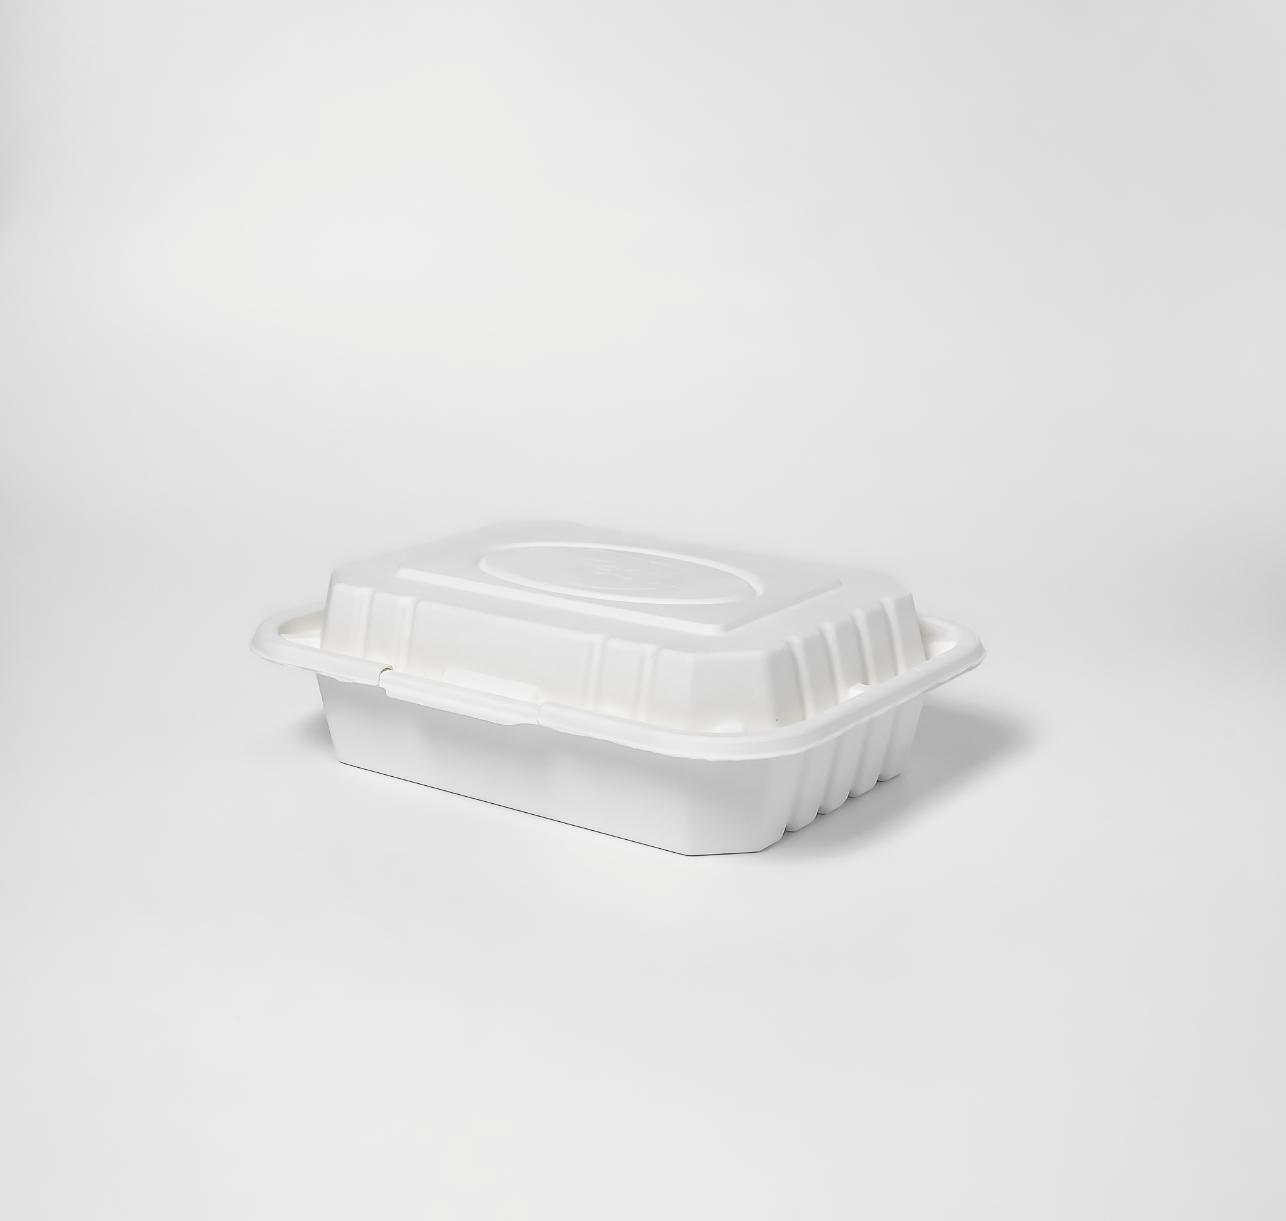 กล่องอาหารเยื่อธรรมชาติ Eco 1000ml